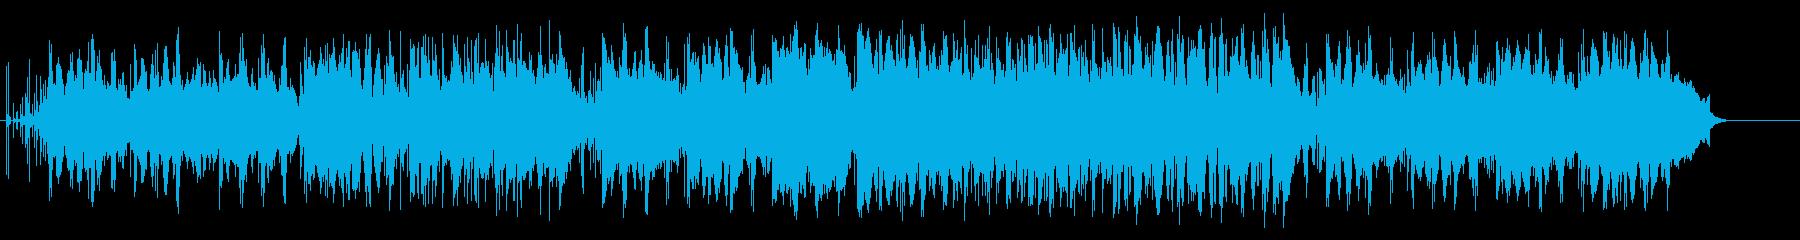 3連のノリが小粋なアダルトなフュージョンの再生済みの波形